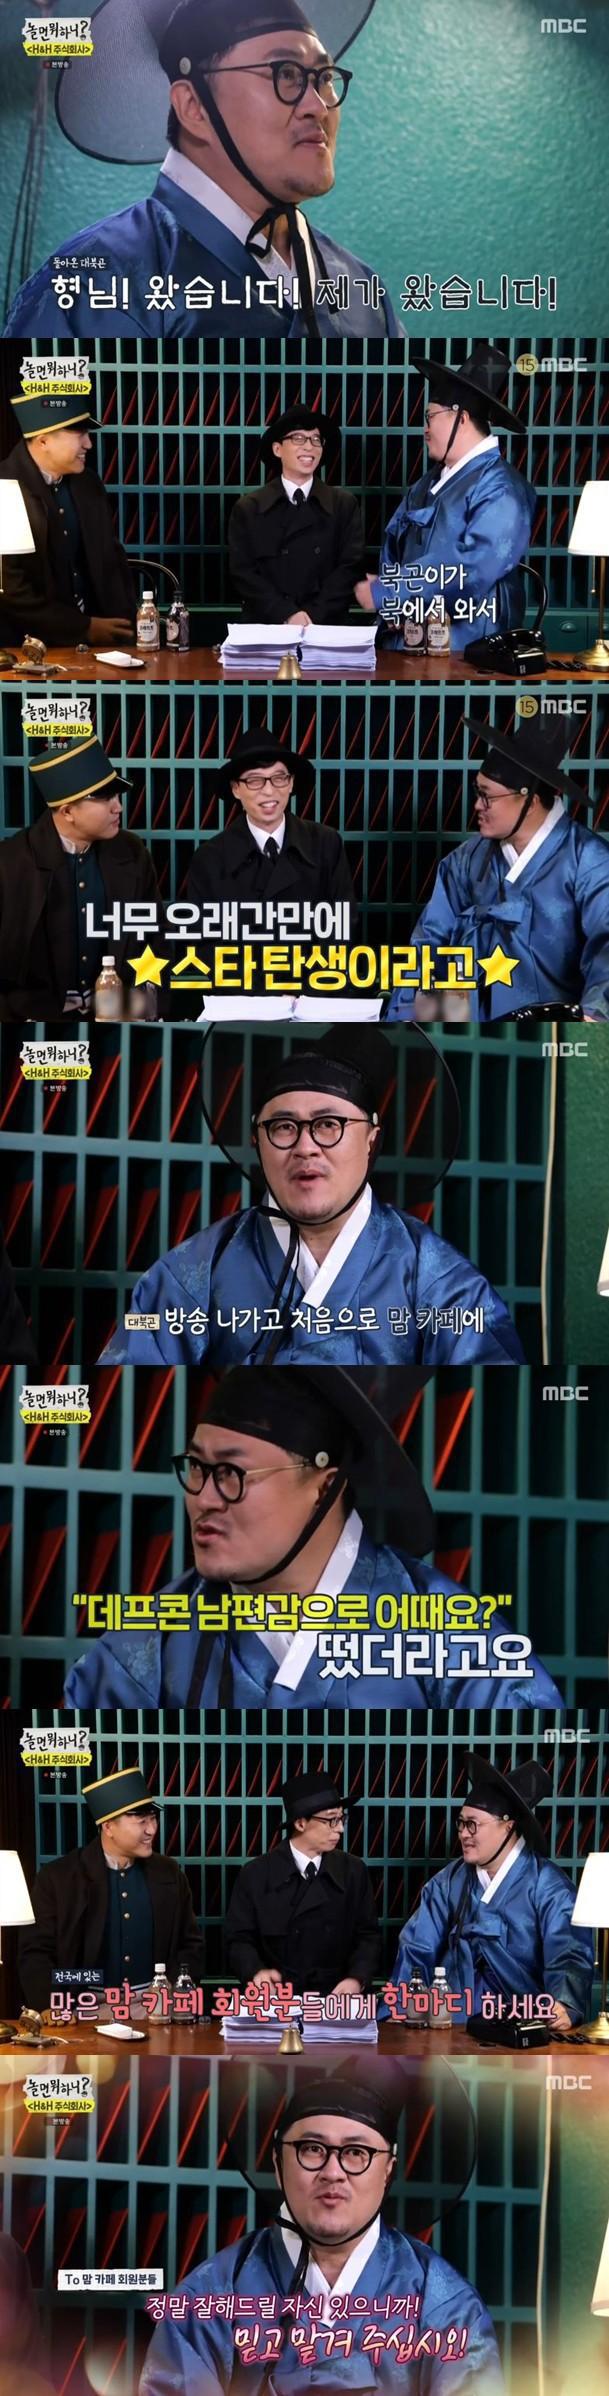 """`놀면 뭐하니` 데프콘, """"`김치원정대` 방송 이후 맘카페에서 ..."""